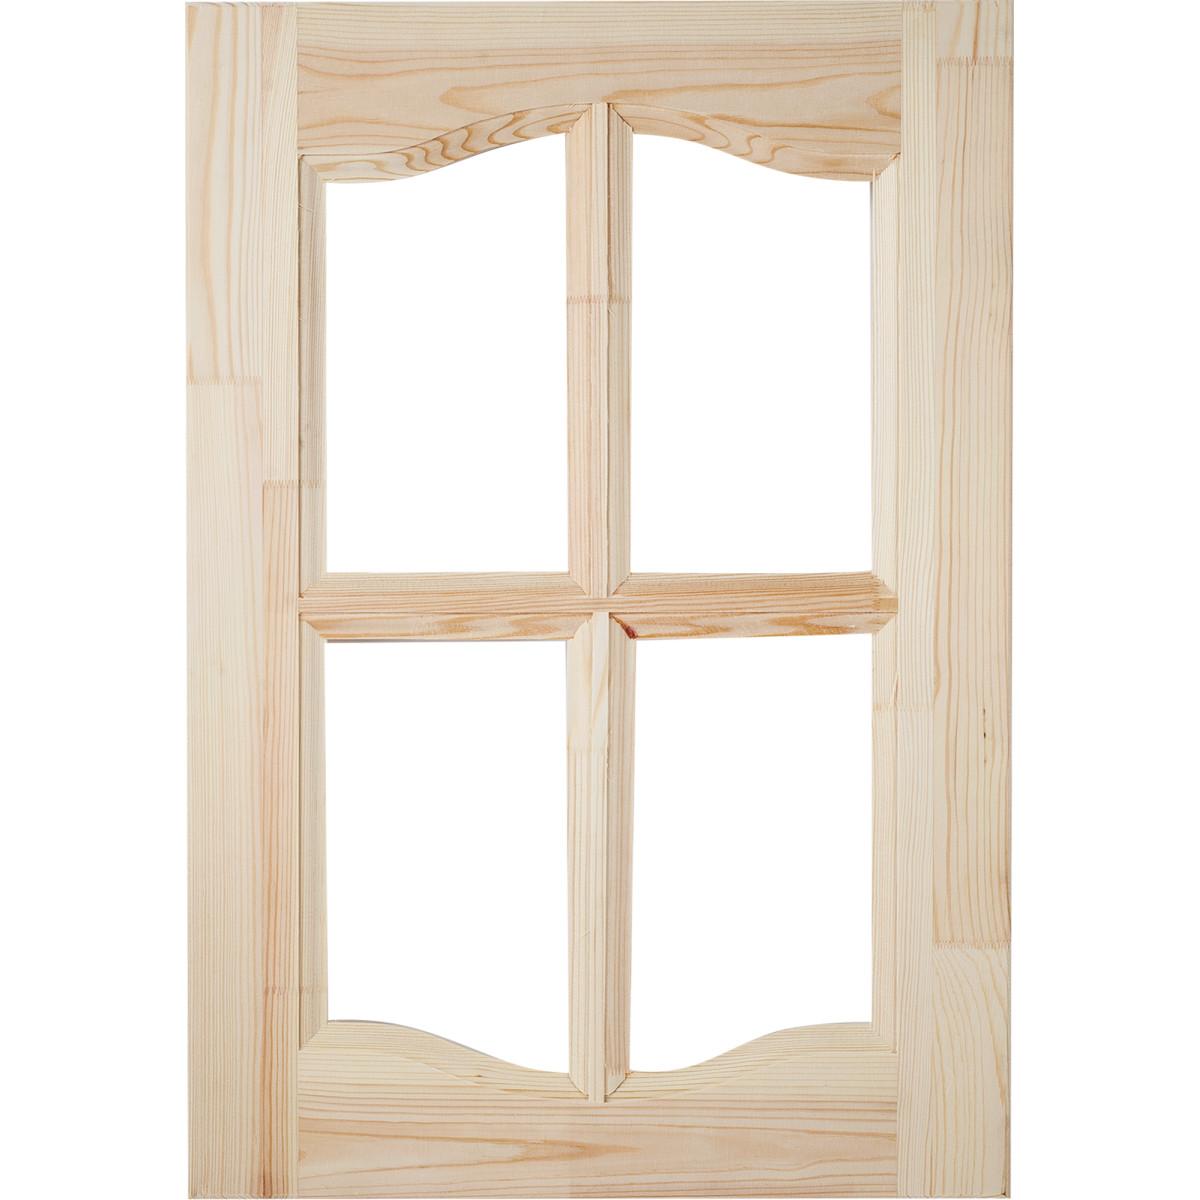 Фасад шкафа хвоя 570х396х20 мм под стекло